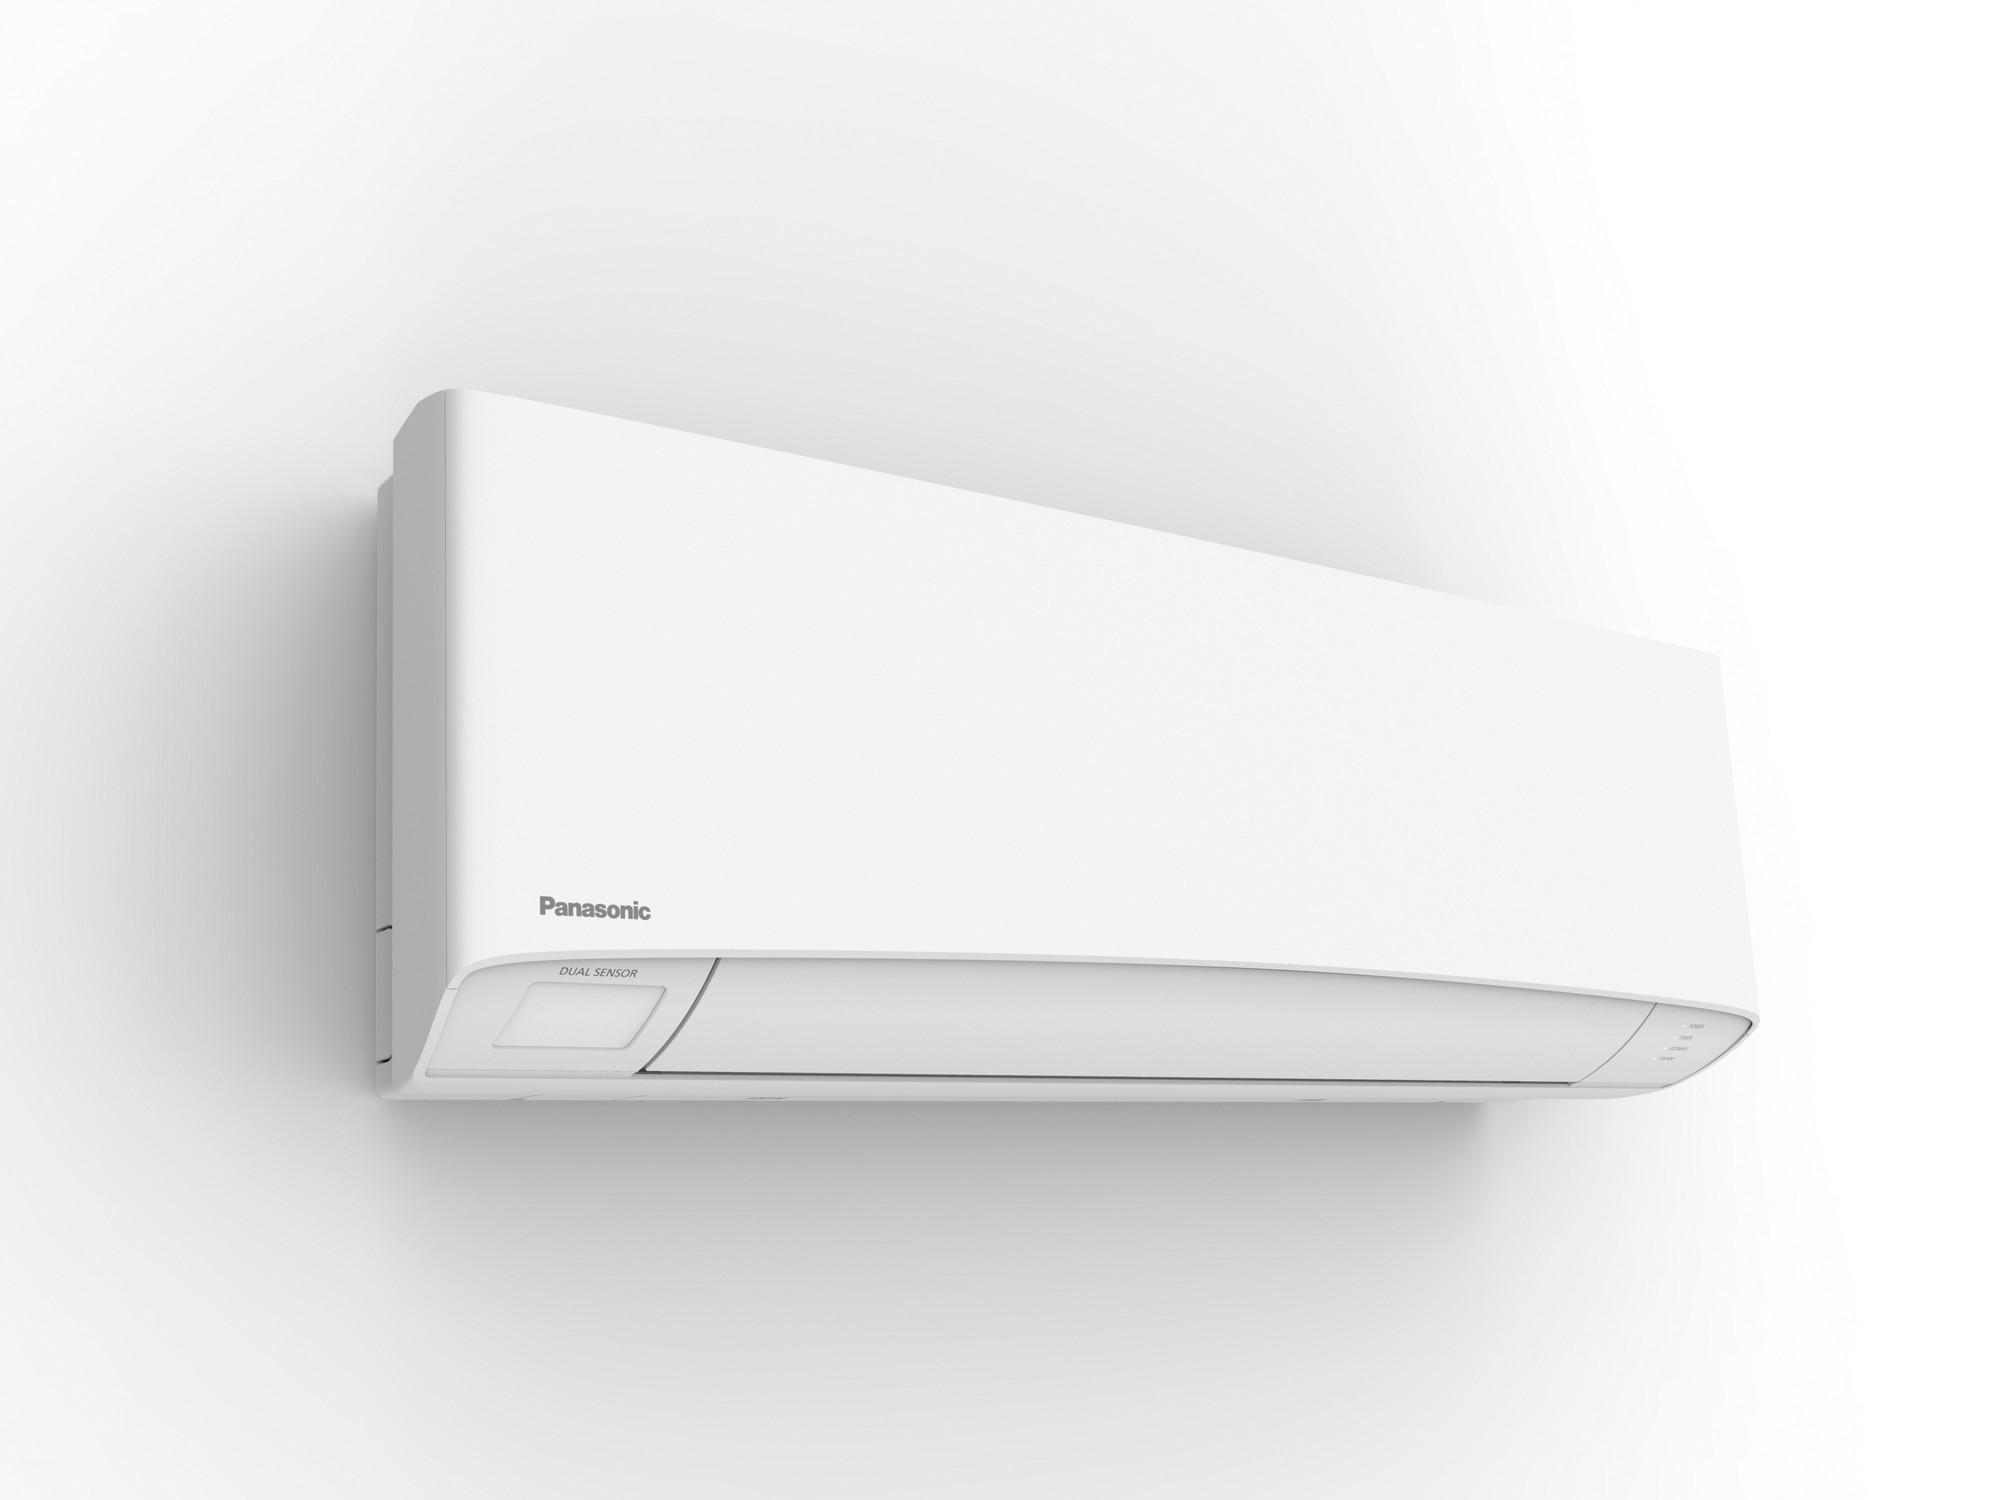 Nová øada TZ v nabídce klimatizací Panasonic - TZB-info